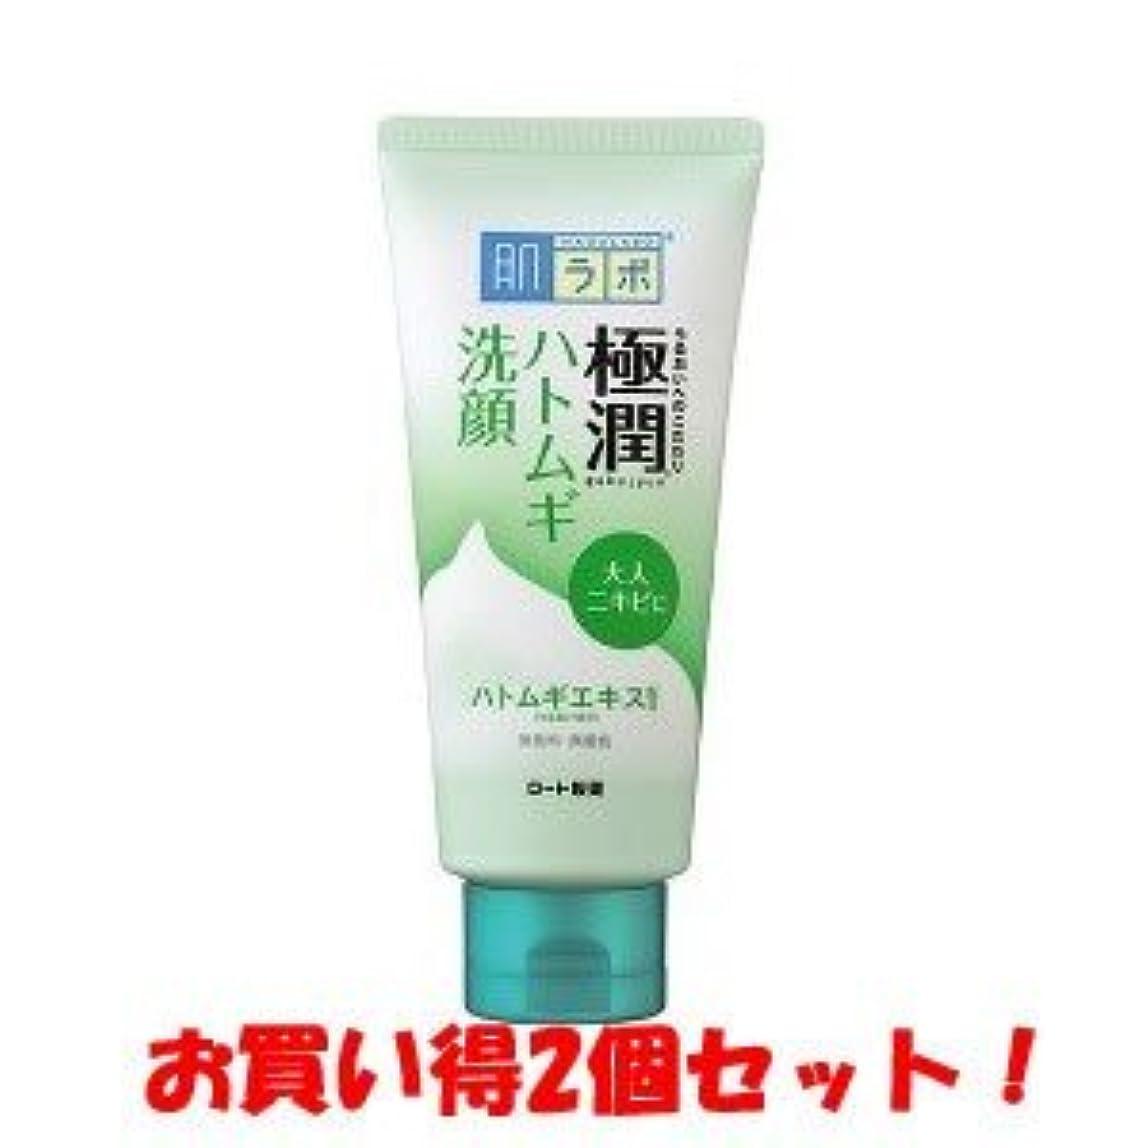 リゾート忠誠きしむ(ロート製薬)肌研 極潤 ハトムギ洗顔フォーム 110g(お買い得2個セット)